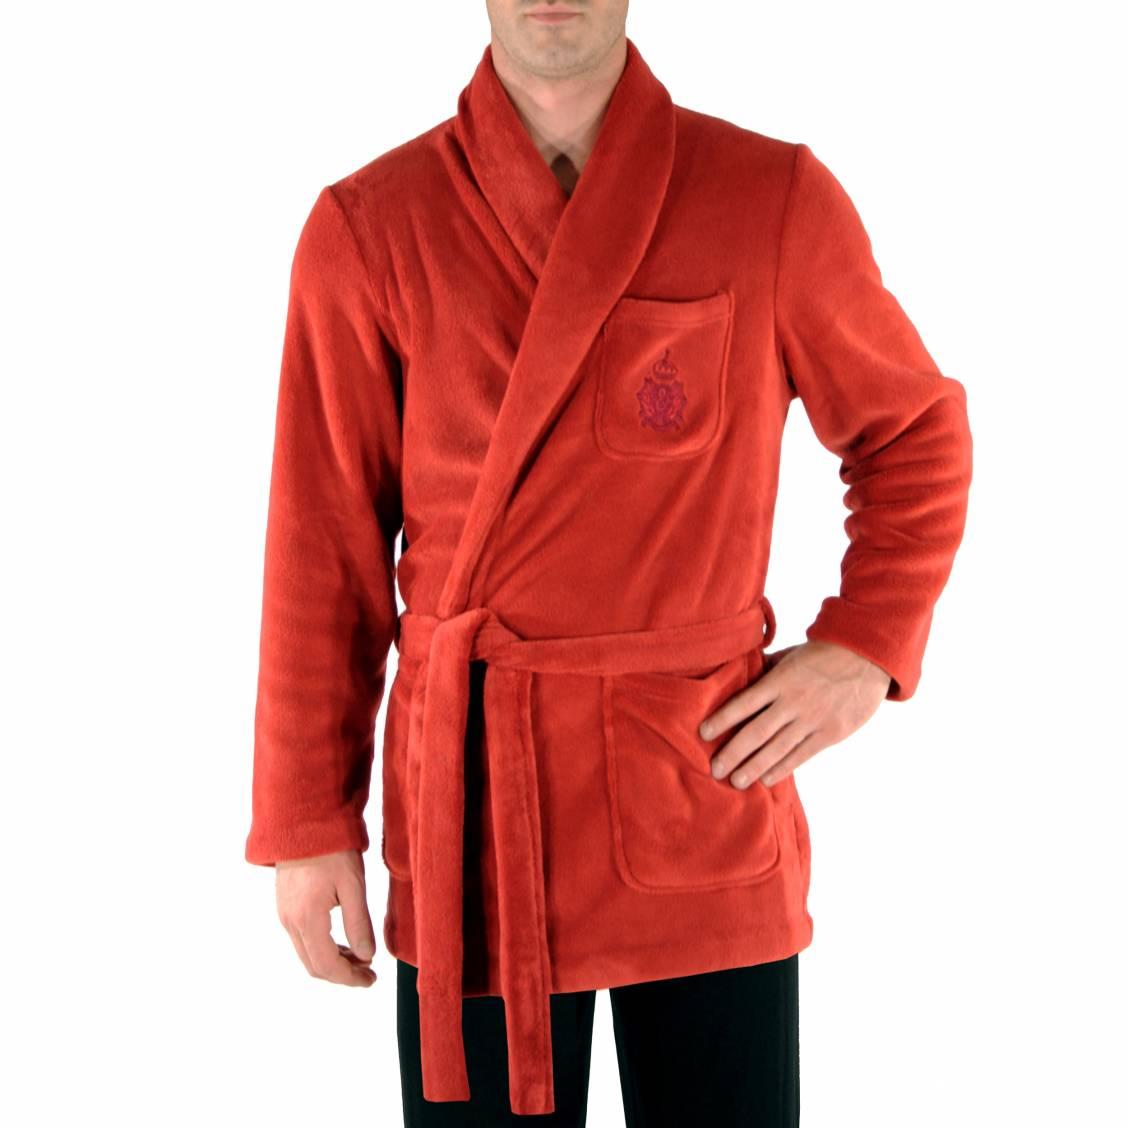 veste d 39 int rieur christian cane en velours rouge col ch le rue des hommes. Black Bedroom Furniture Sets. Home Design Ideas